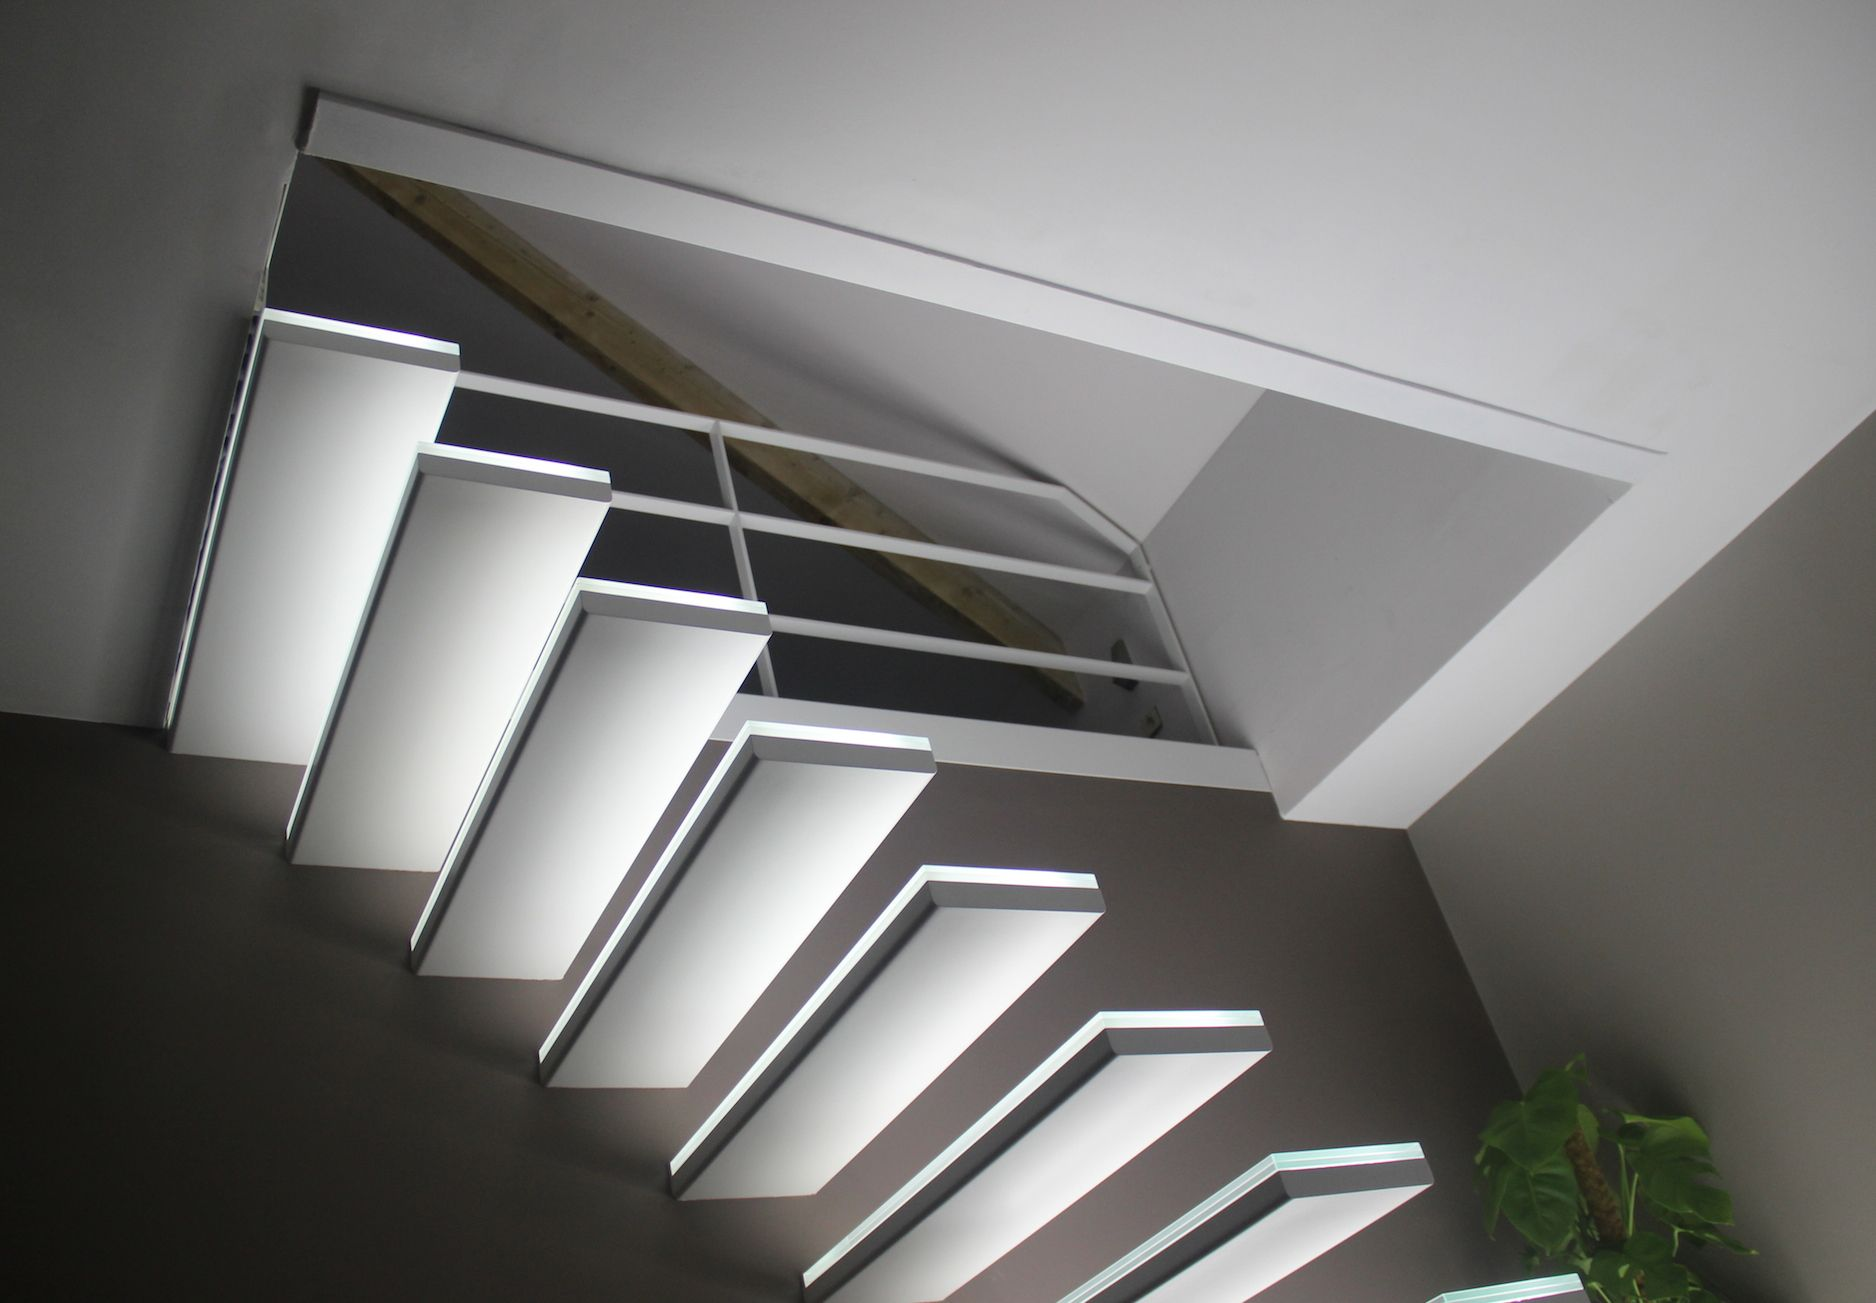 zwevende treden met glas en led-verlichting | stairs | Pinterest ...